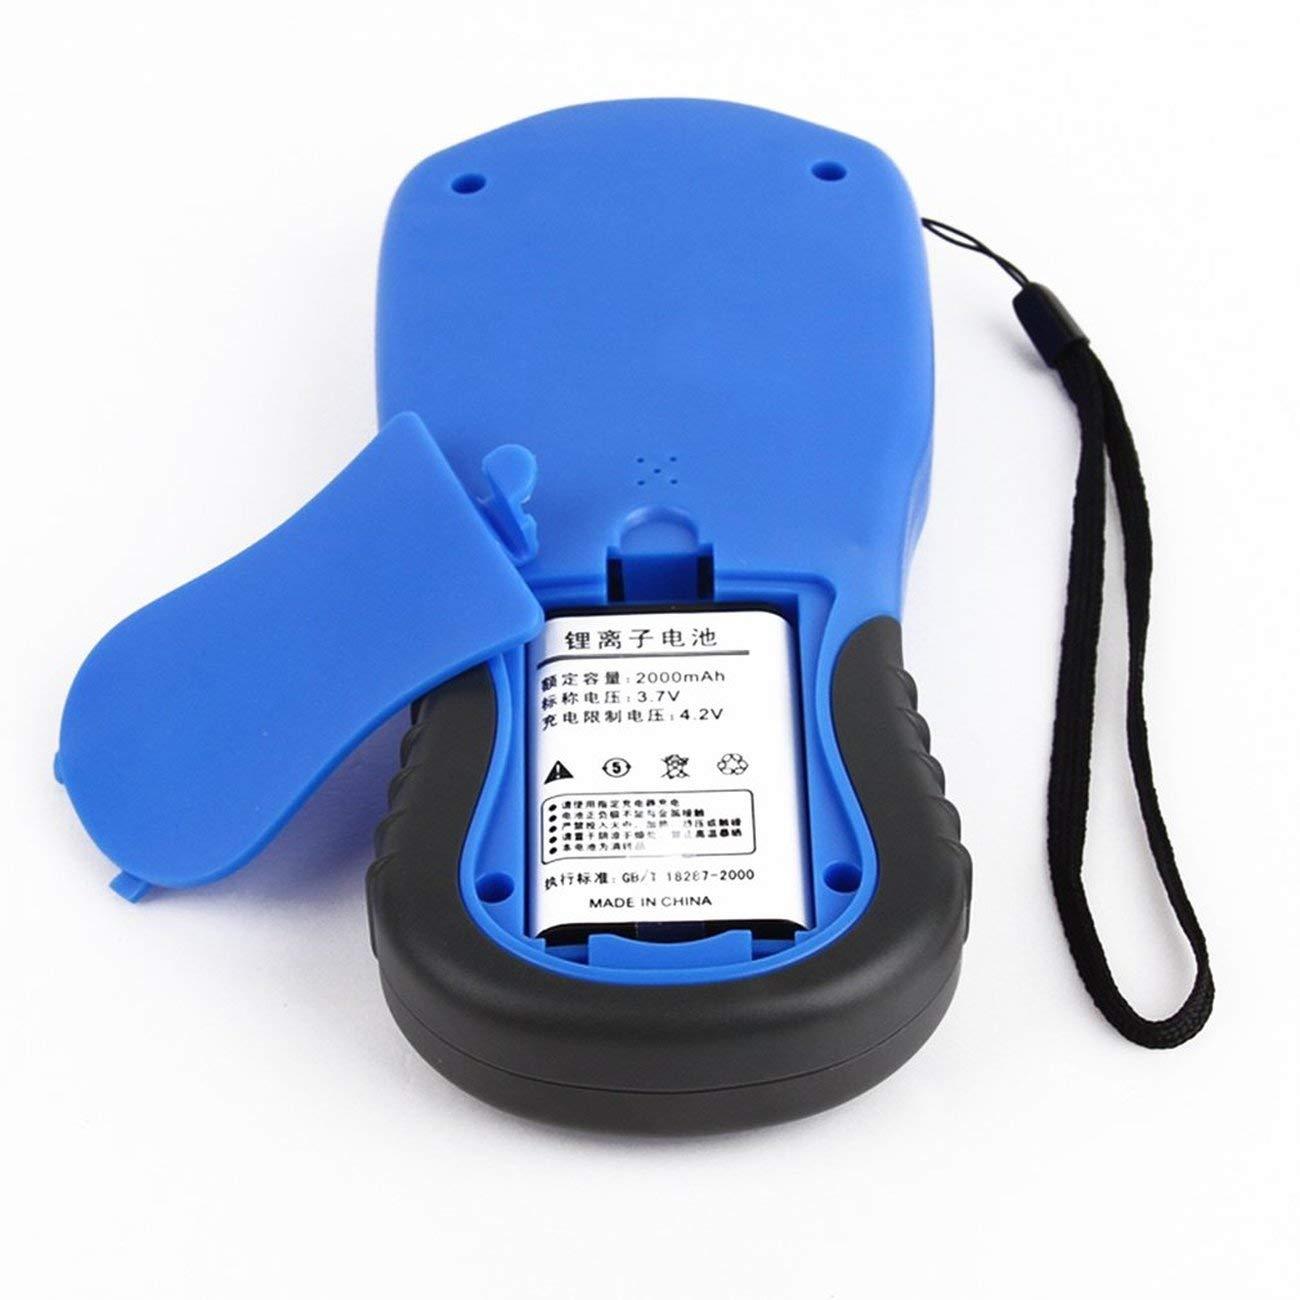 Dispositivos de prueba GPS NF-198 Medidor GPS terrestre Pantalla LCD Valor de medici/ón Figura /Área de topograf/ía y topograf/ía de tierras agr/ícolas JBP-X